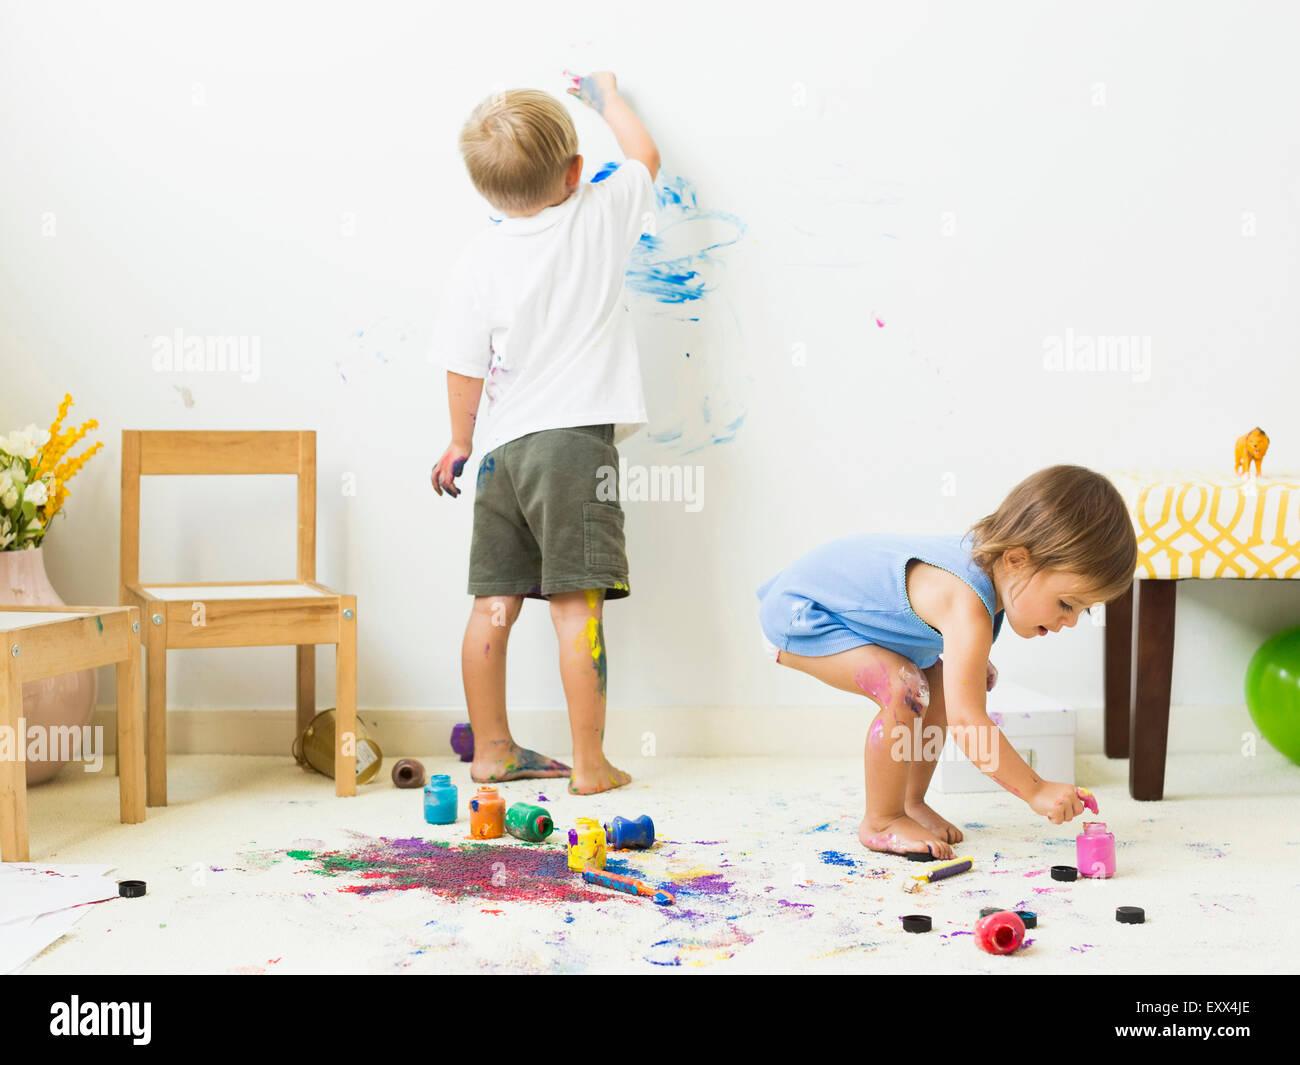 Niños (2-3) pintura sobre pared y alfombras Imagen De Stock